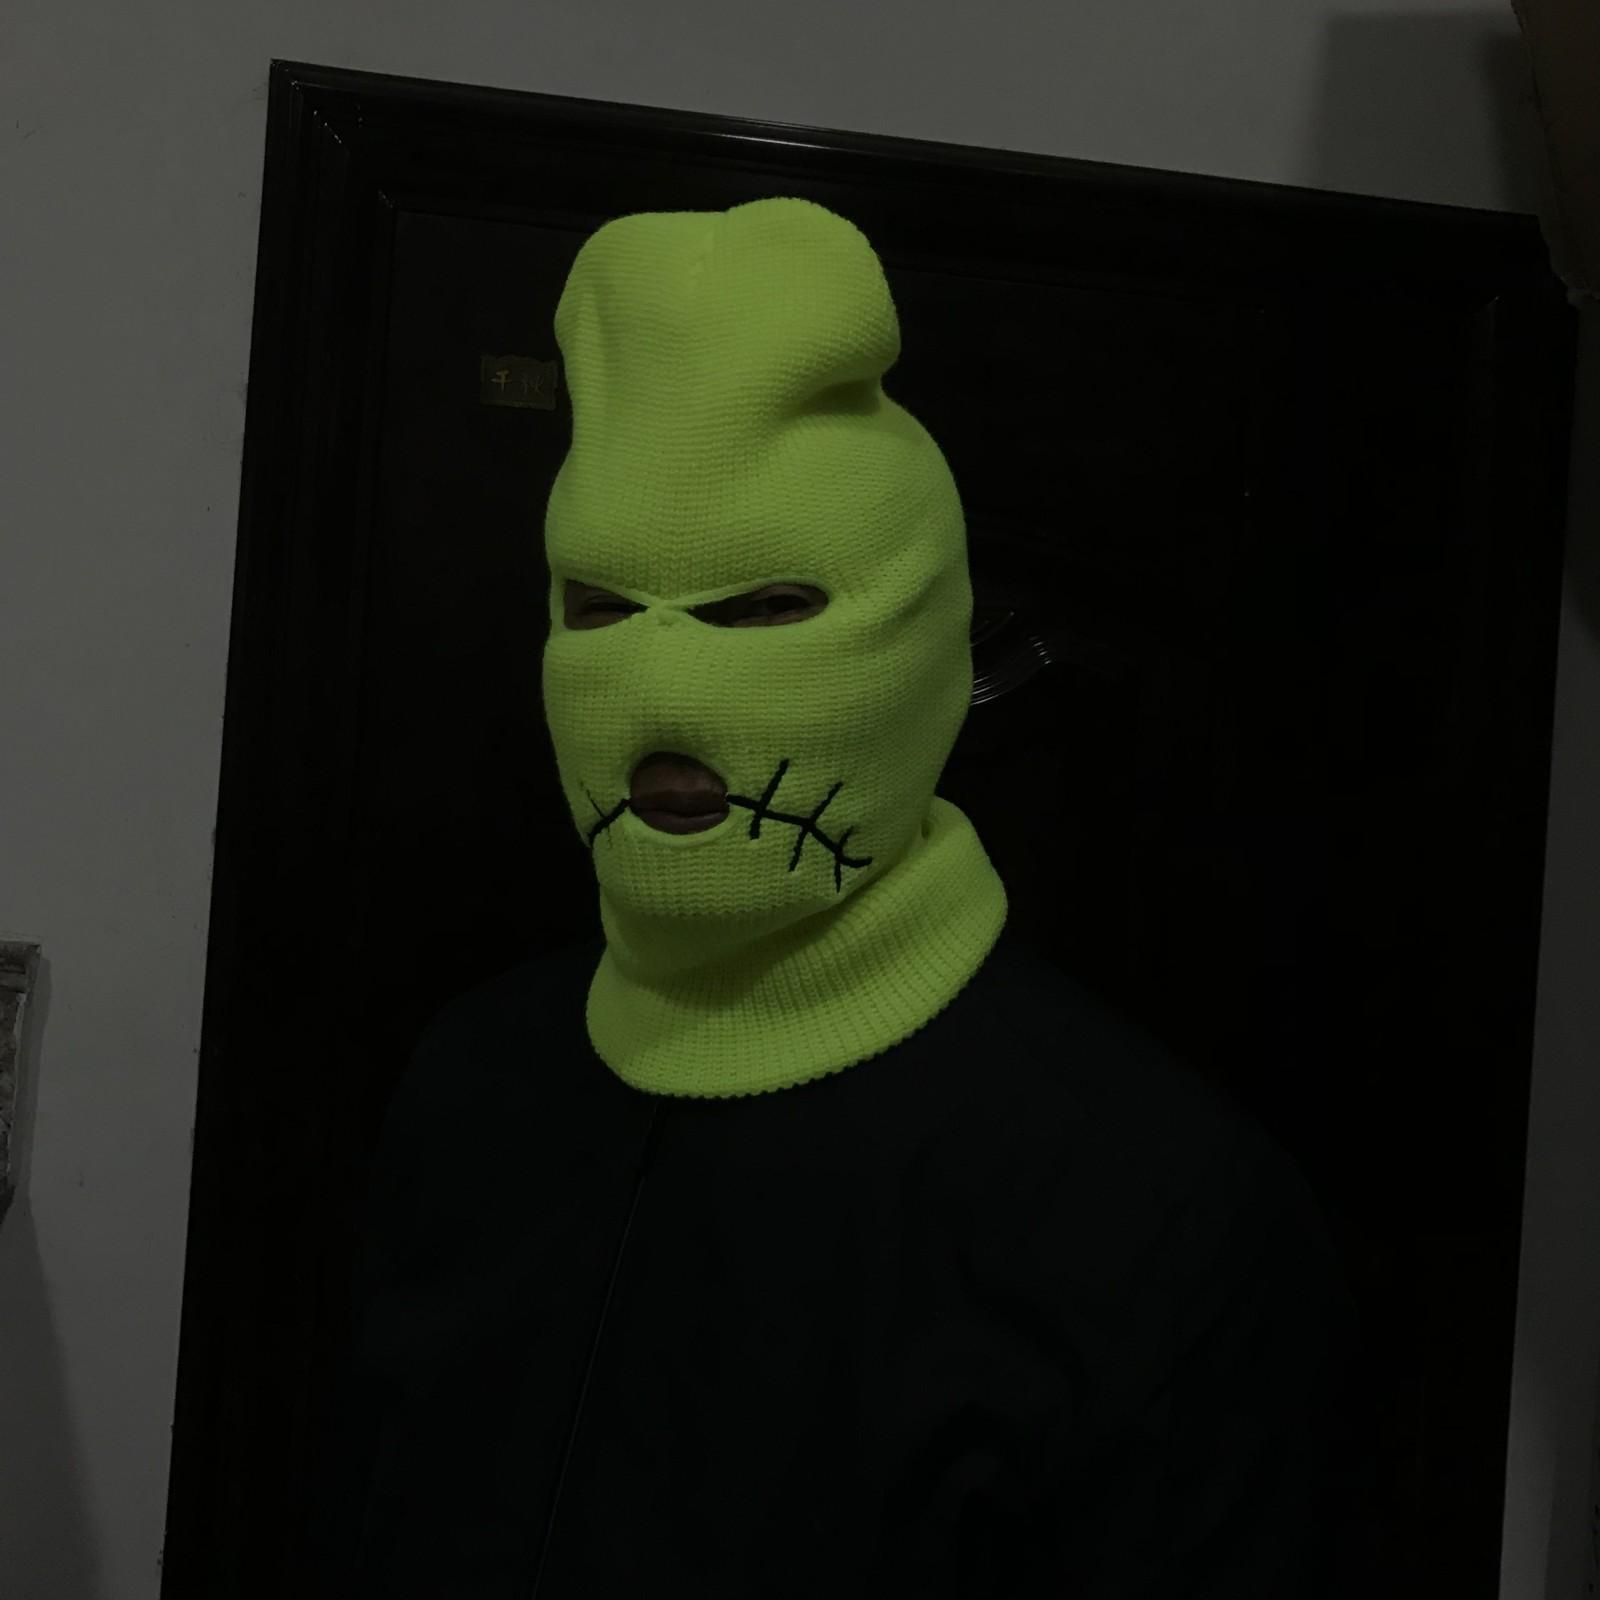 Jack Neon Balaclava Chapeau couverture d'hiver Masque Caps vert Halloween pour Party Moto Vélo Ski Vélo Beanies